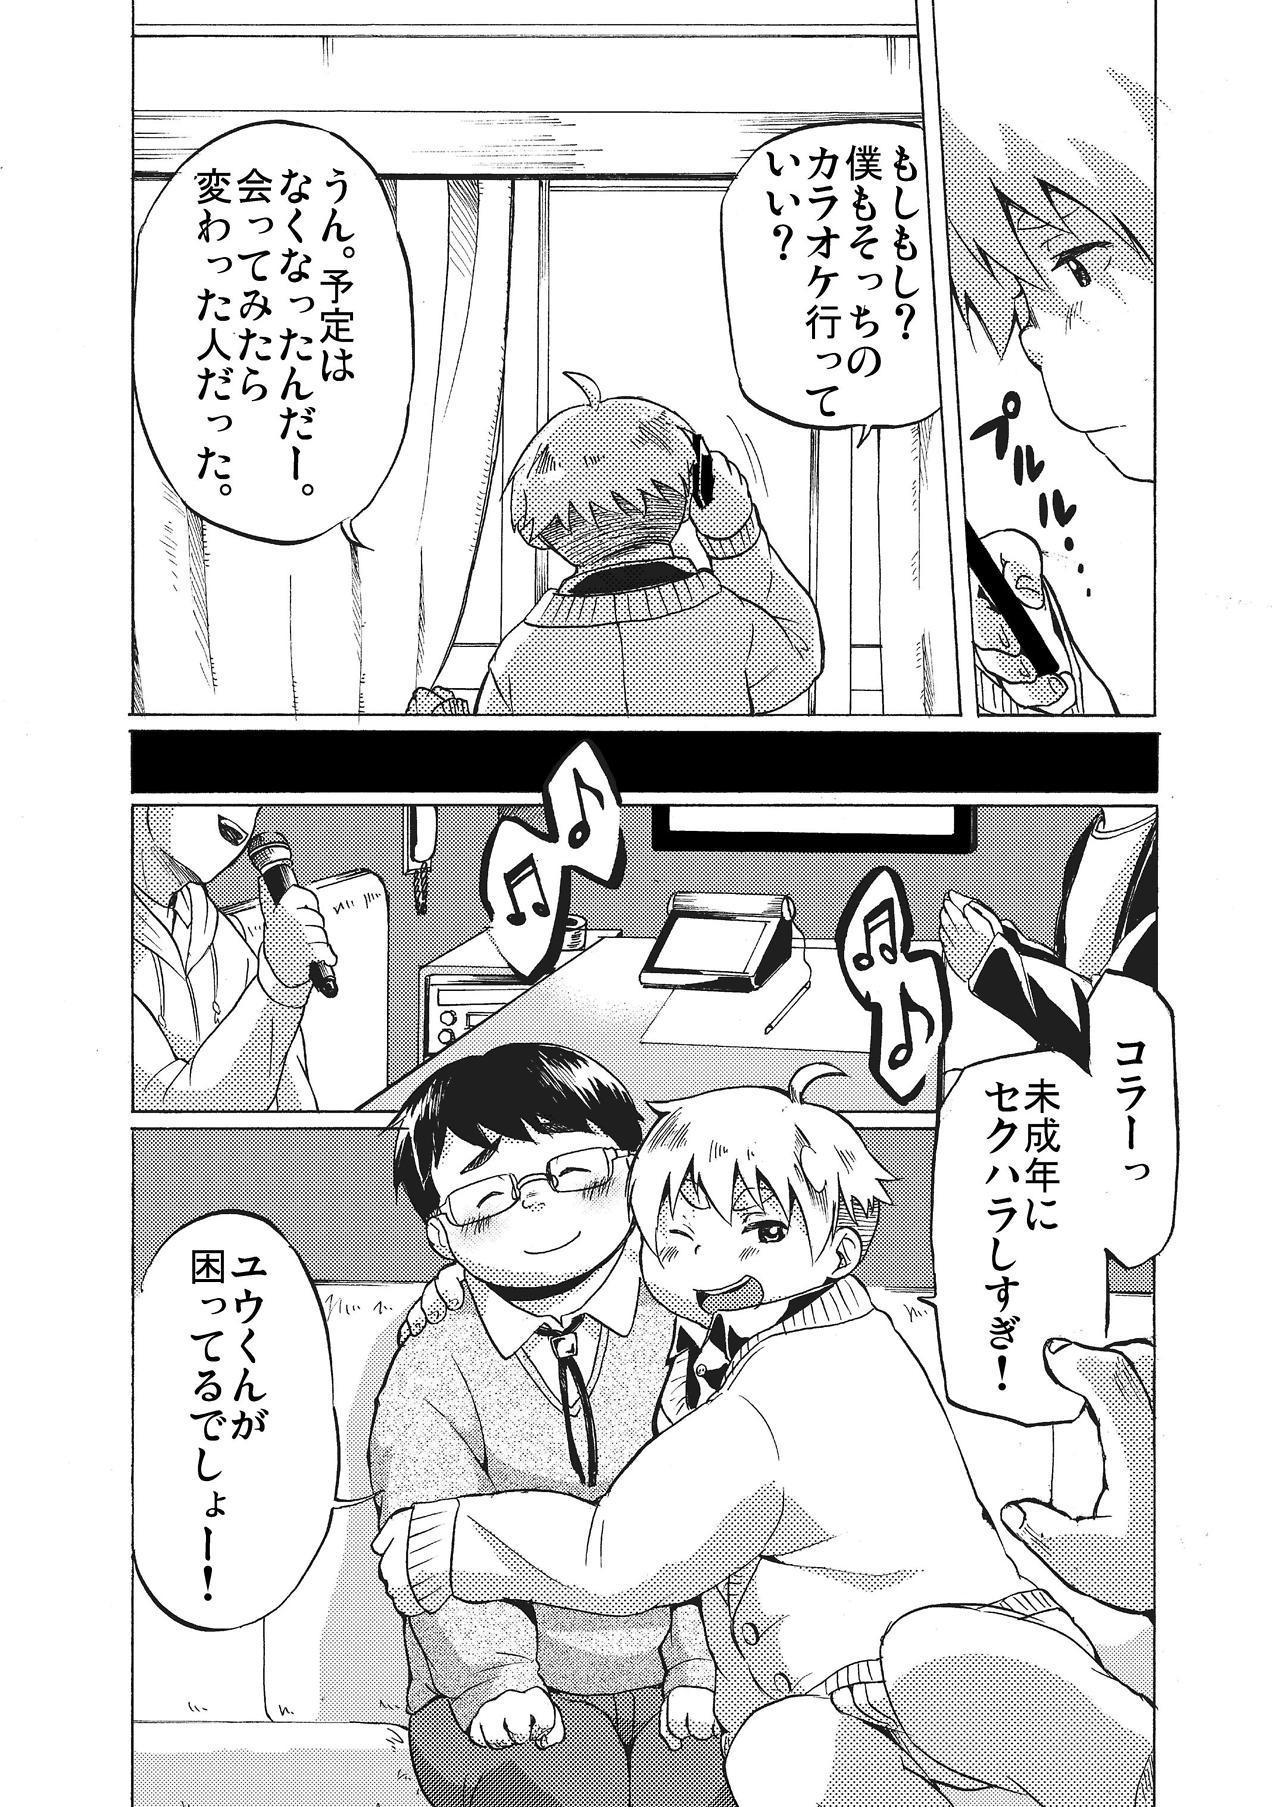 Kimi ni wa Wakaranai. 10